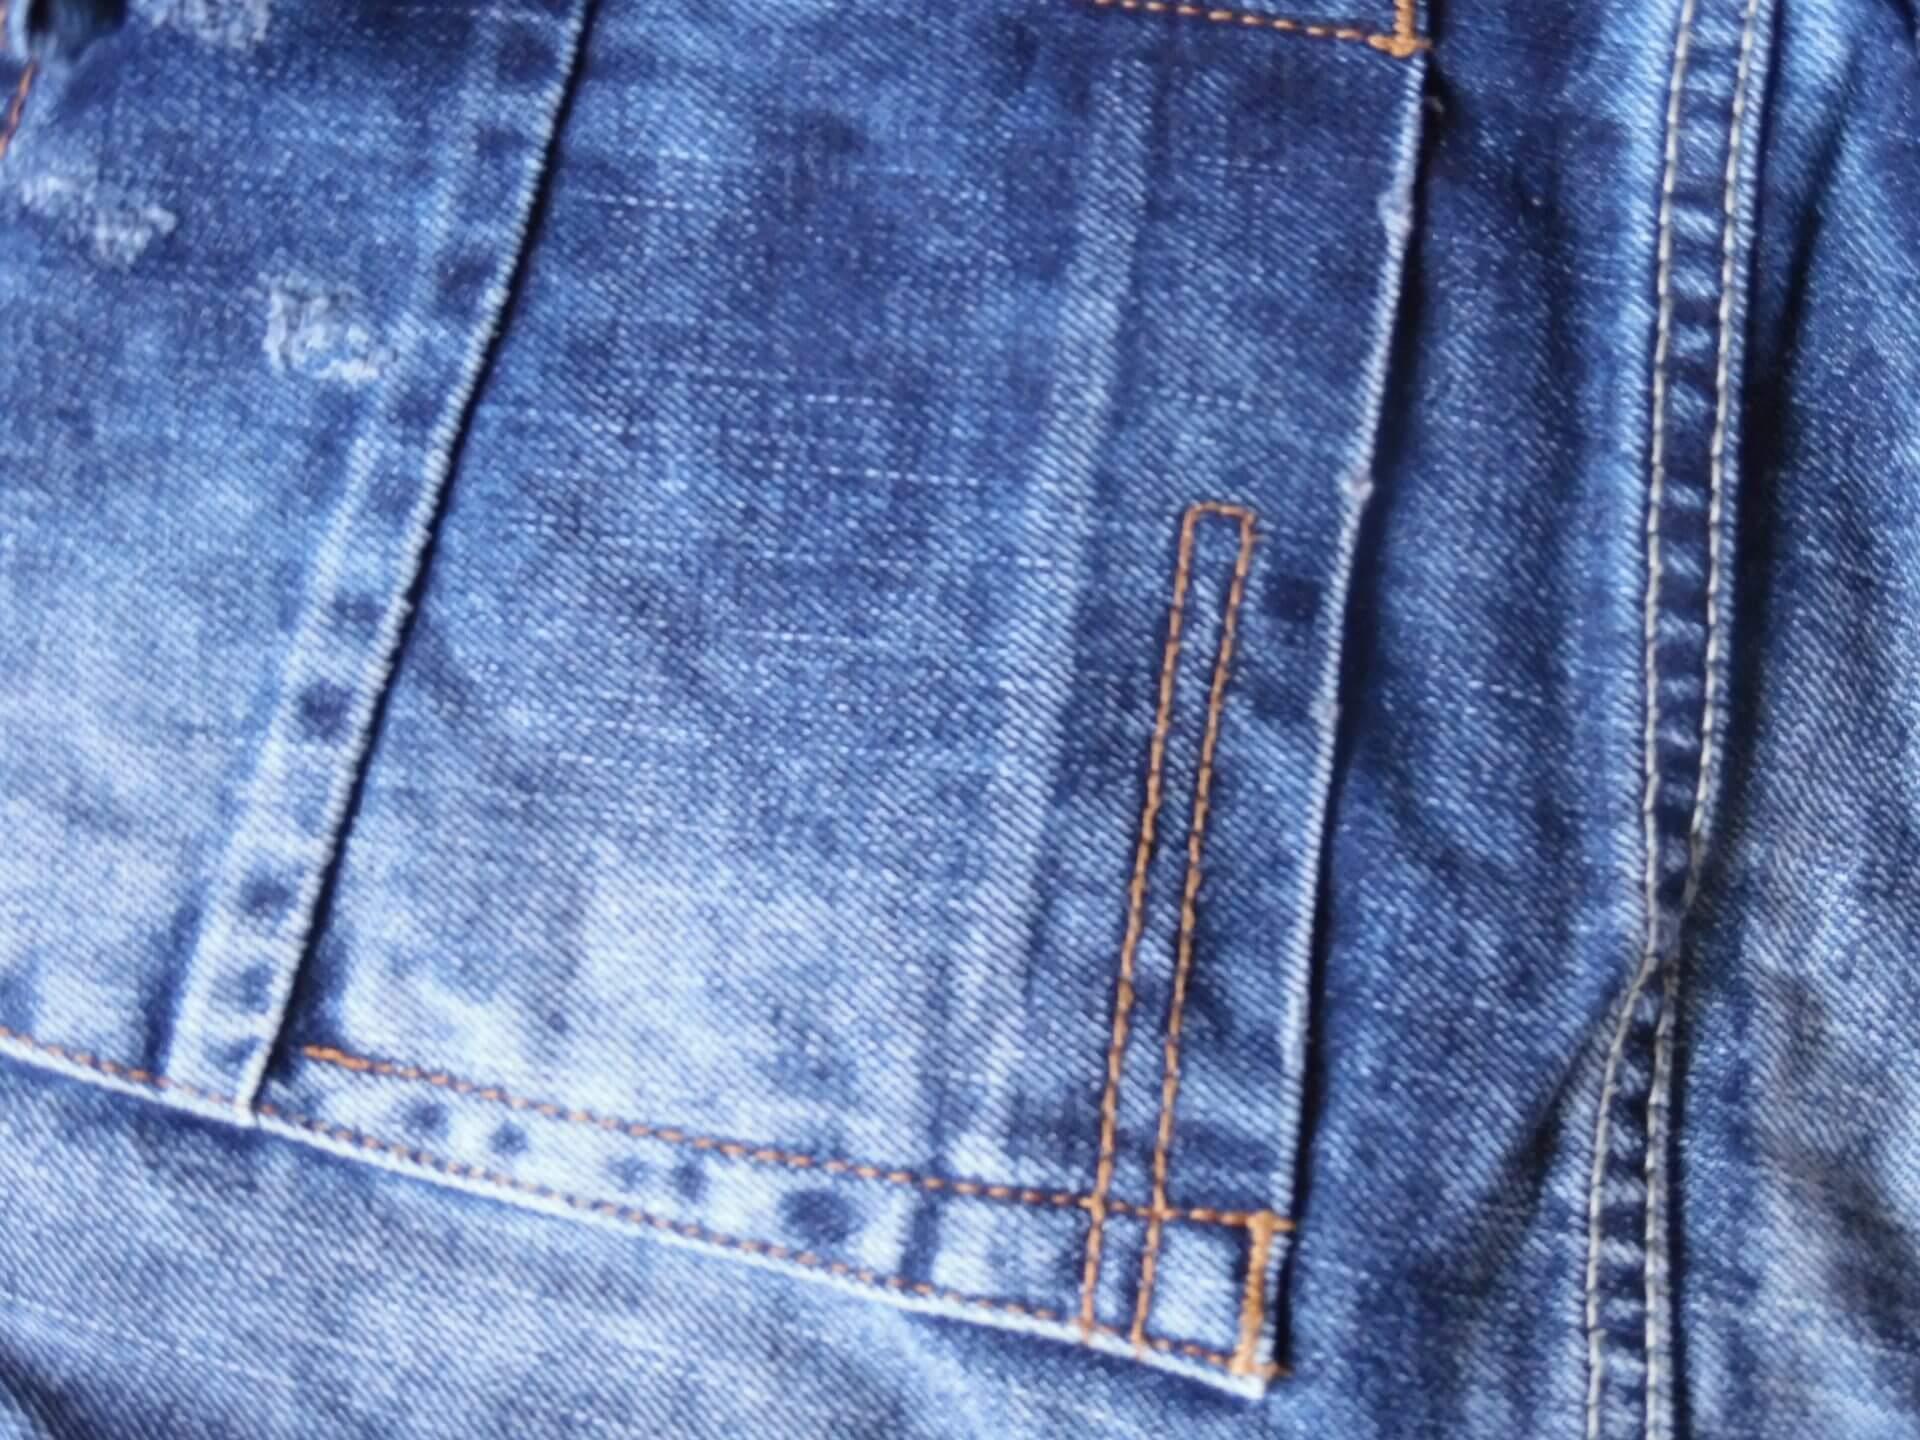 De schrik voor een blauwe broek